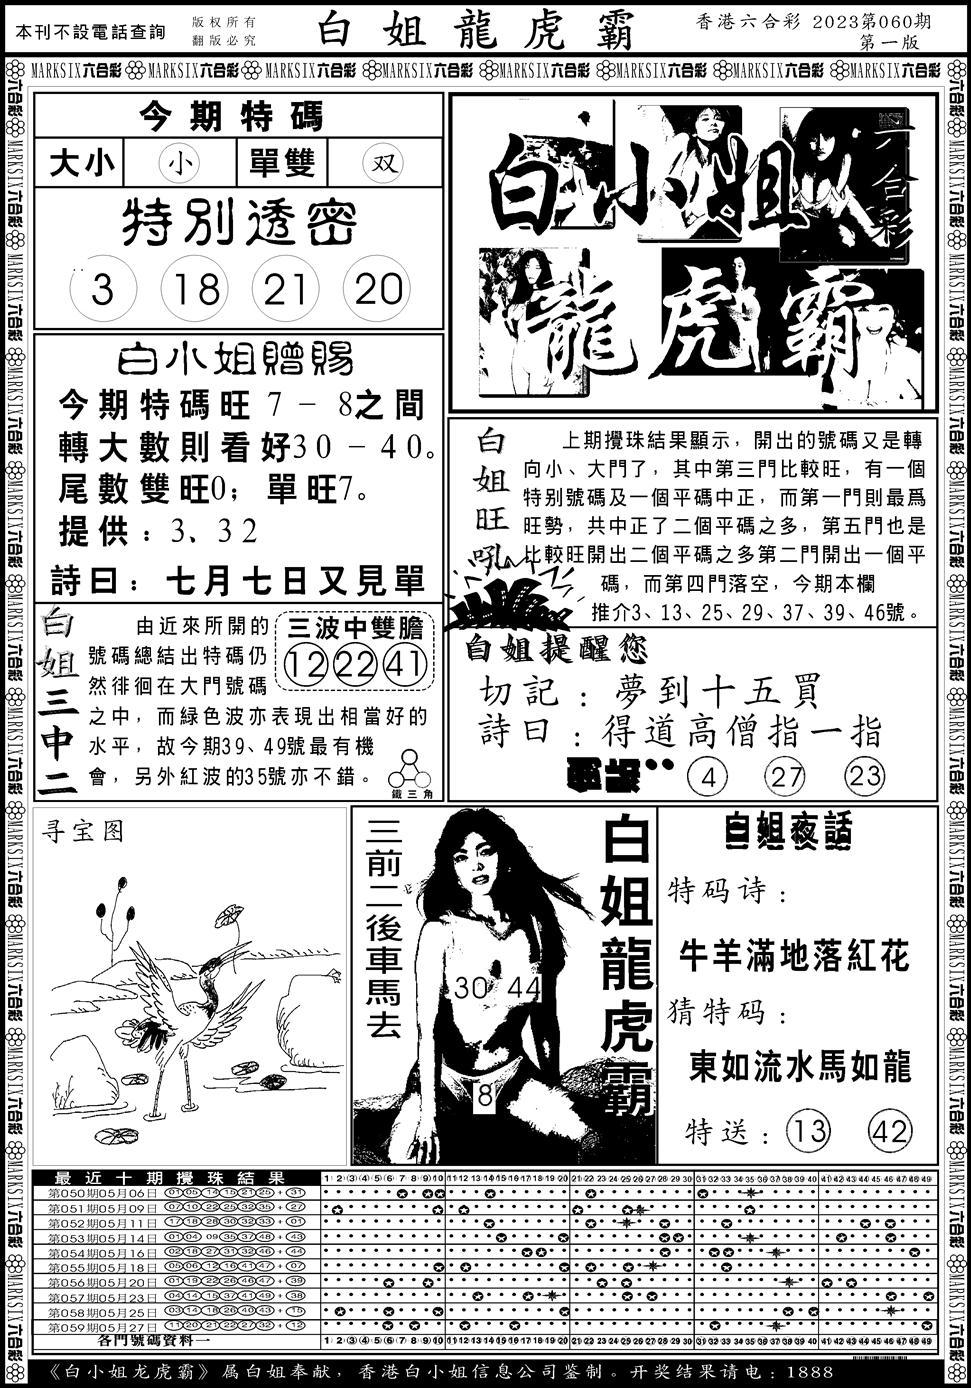 060期白小姐龙虎斗A(黑白)